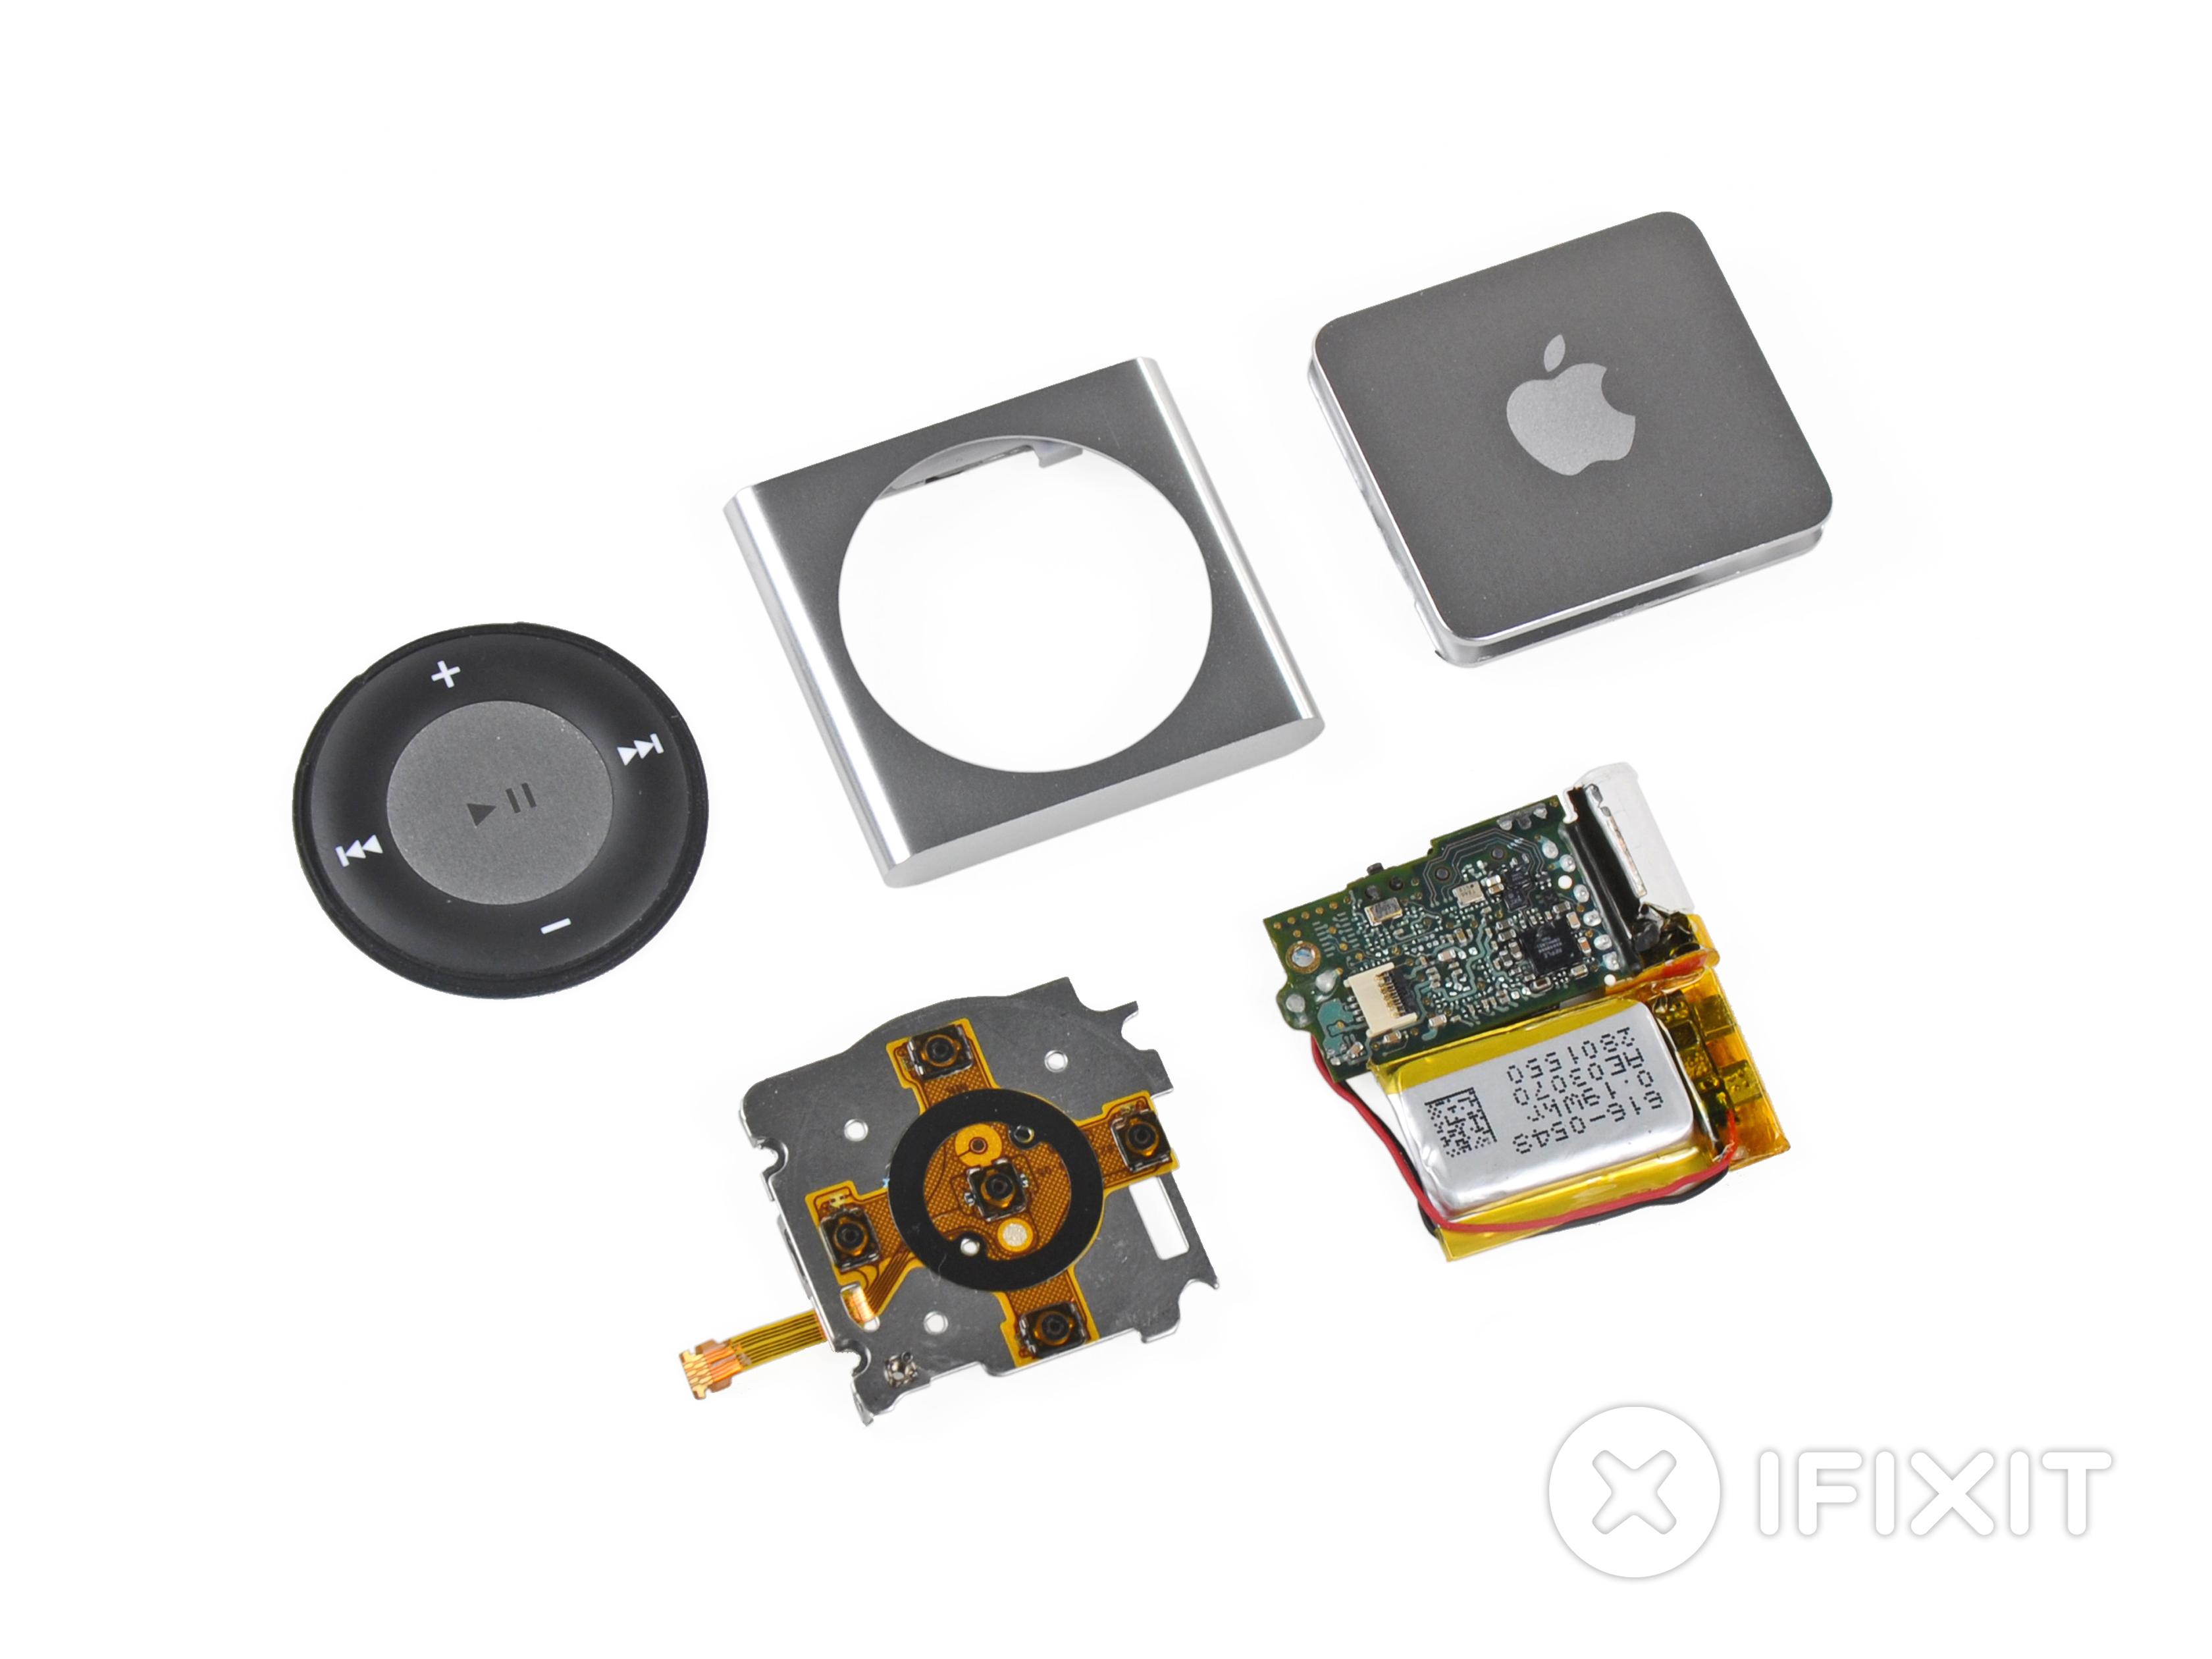 Ipod Shuffle 4th Generation Teardown Ifixit Baterai Touch 5